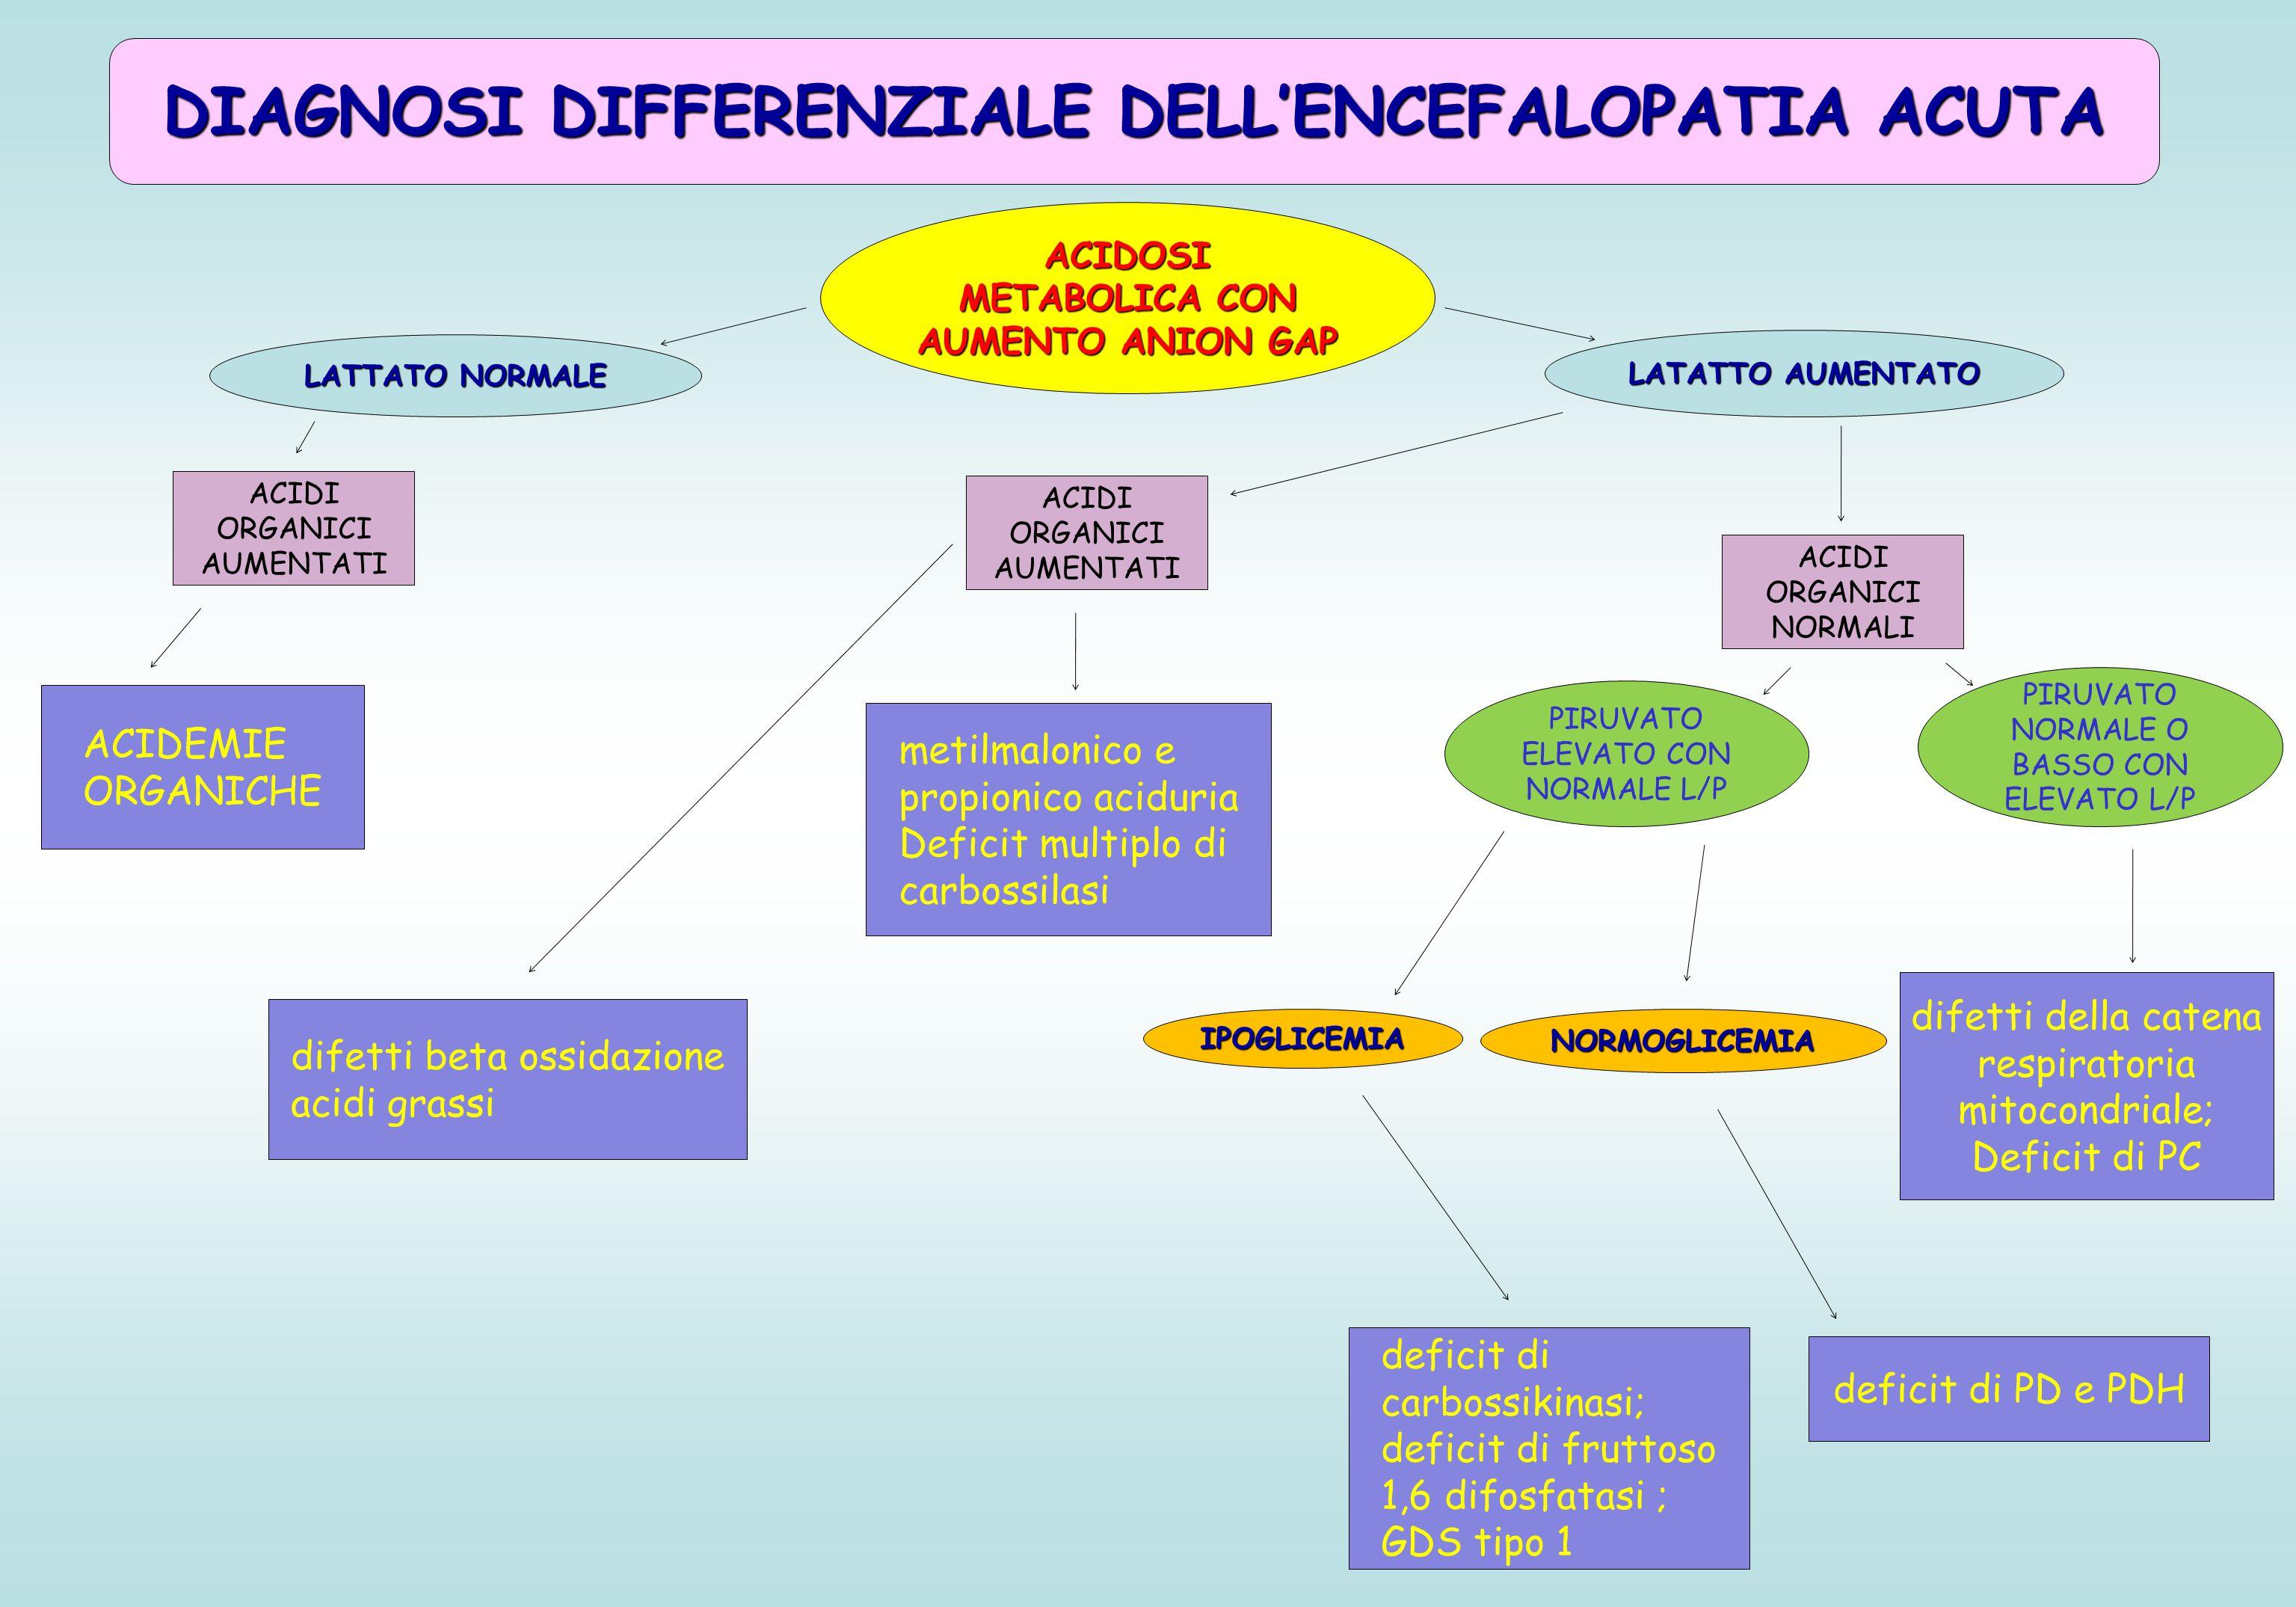 DIAGNOSI DIFFERENZIALE DELL'ENCEFALOPATIA ACUTA ACIDOSI METABOLICA CON AUMENTO ANION GAP PIRUVATO NORMALE O BASSO CON ELEVATO L/P difetti della catena respiratoria mitocondriale; Deficit di PC deficit di PD e PDH deficit di carbossikinasi; deficit di fruttoso 1,6 difosfatasi ; GDS tipo 1 ACIDEMIE ORGANICHE LATTATO NORMALE LATATTO AUMENTATO ACIDI ORGANICI NORMALI NORMOGLICEMIAIPOGLICEMIA ACIDI ORGANICI AUMENTATI PIRUVATO ELEVATO CON NORMALE L/P ACIDI ORGANICI AUMENTATI metilmalonico e propionico aciduria Deficit multiplo di carbossilasi difetti beta ossidazione acidi grassi